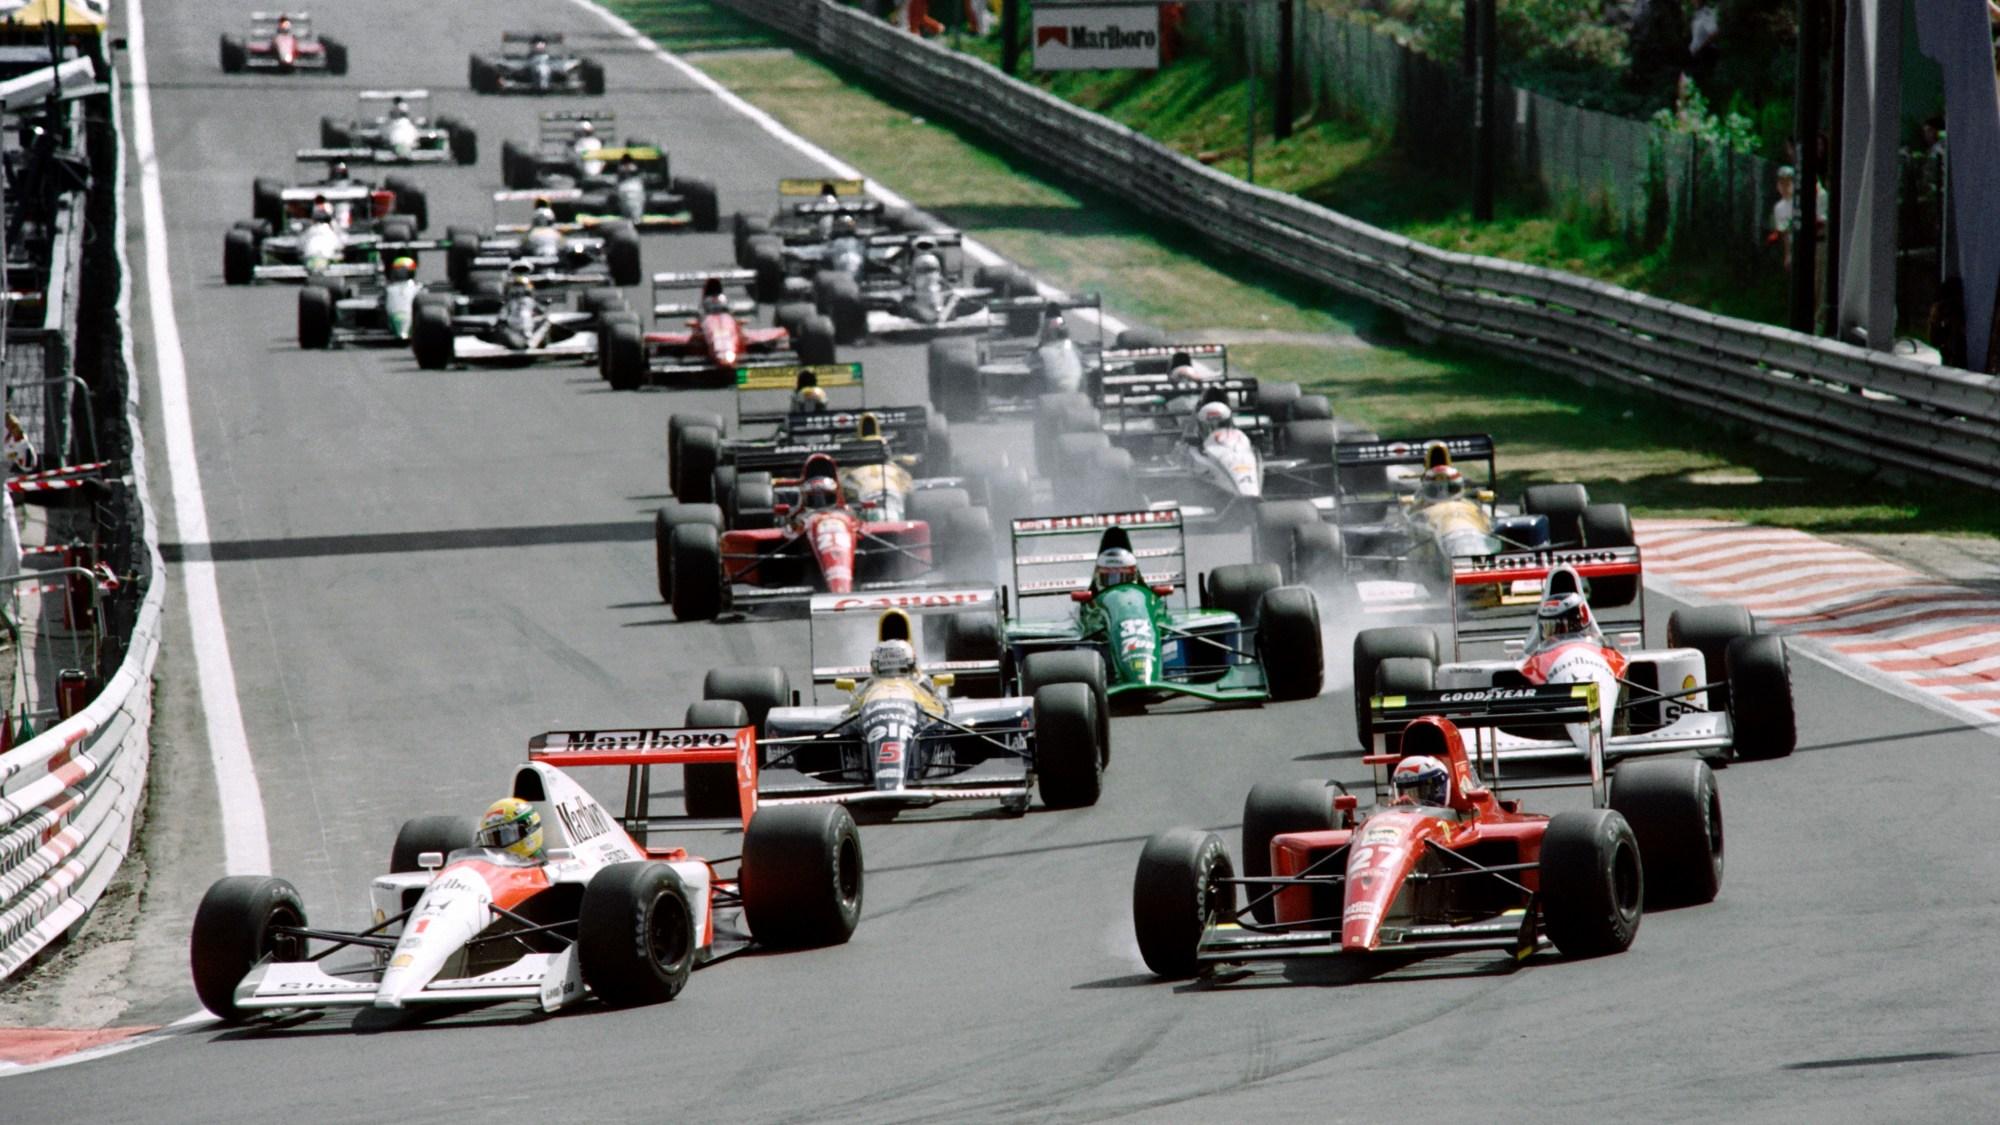 Michael Schumacher, 1991 Belgian GP